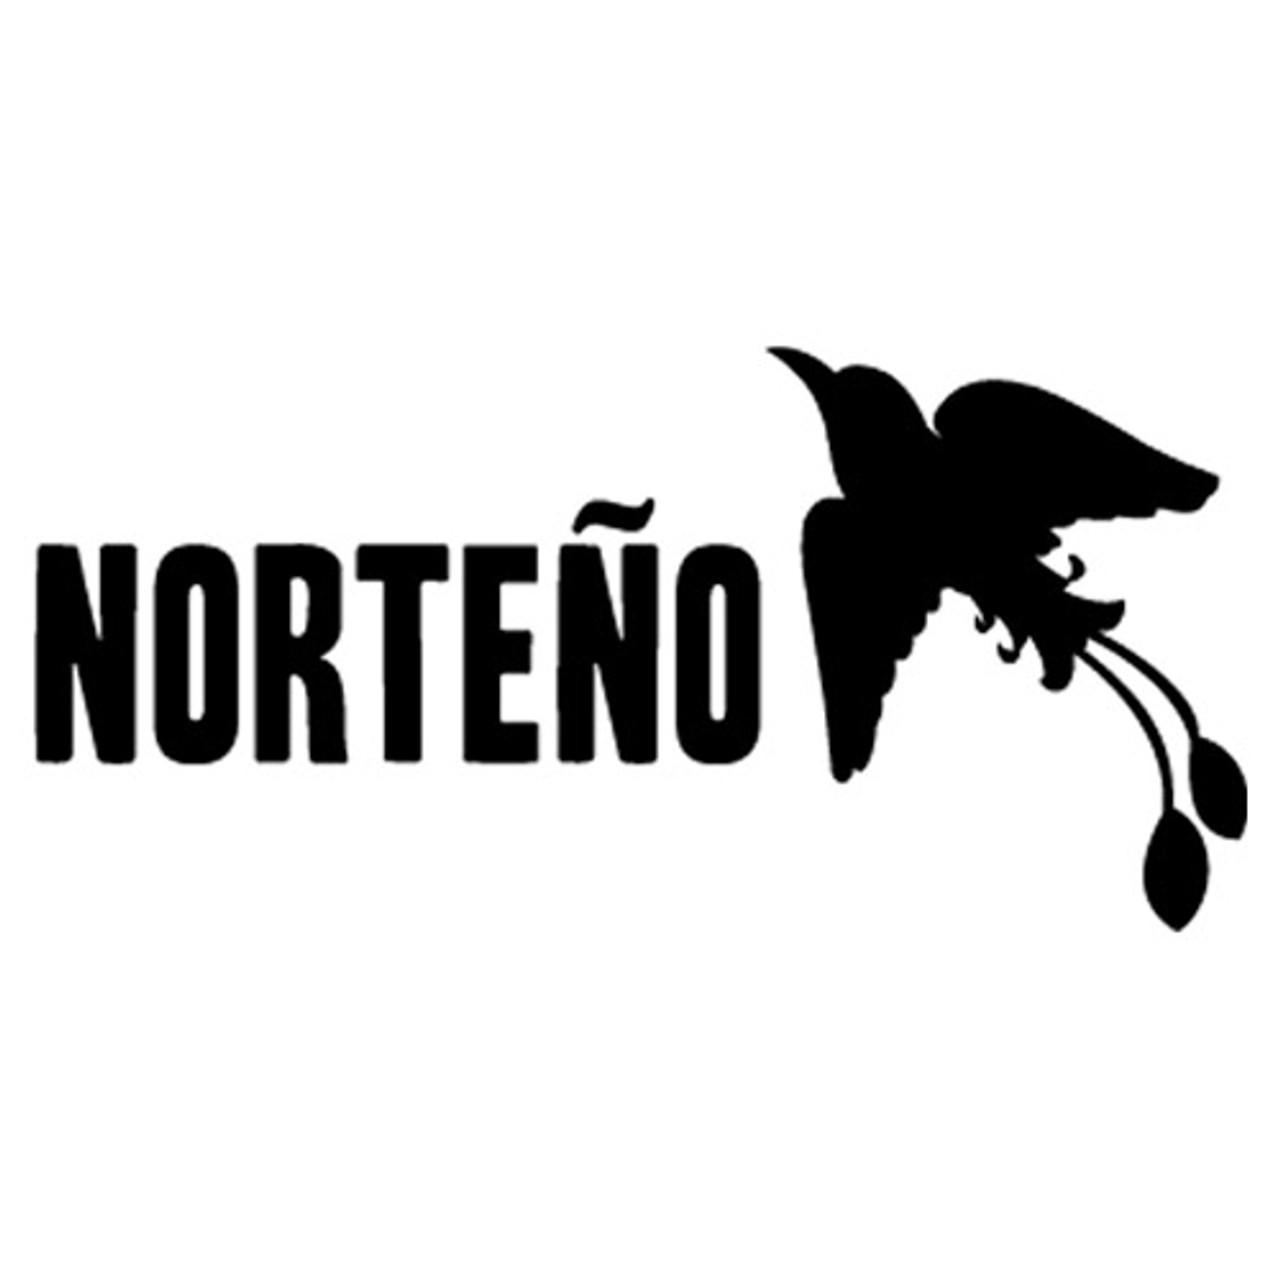 Herrera Esteli Norteno Short Corona Gorda Cigars - 5.88 x 46 (Box of 25)